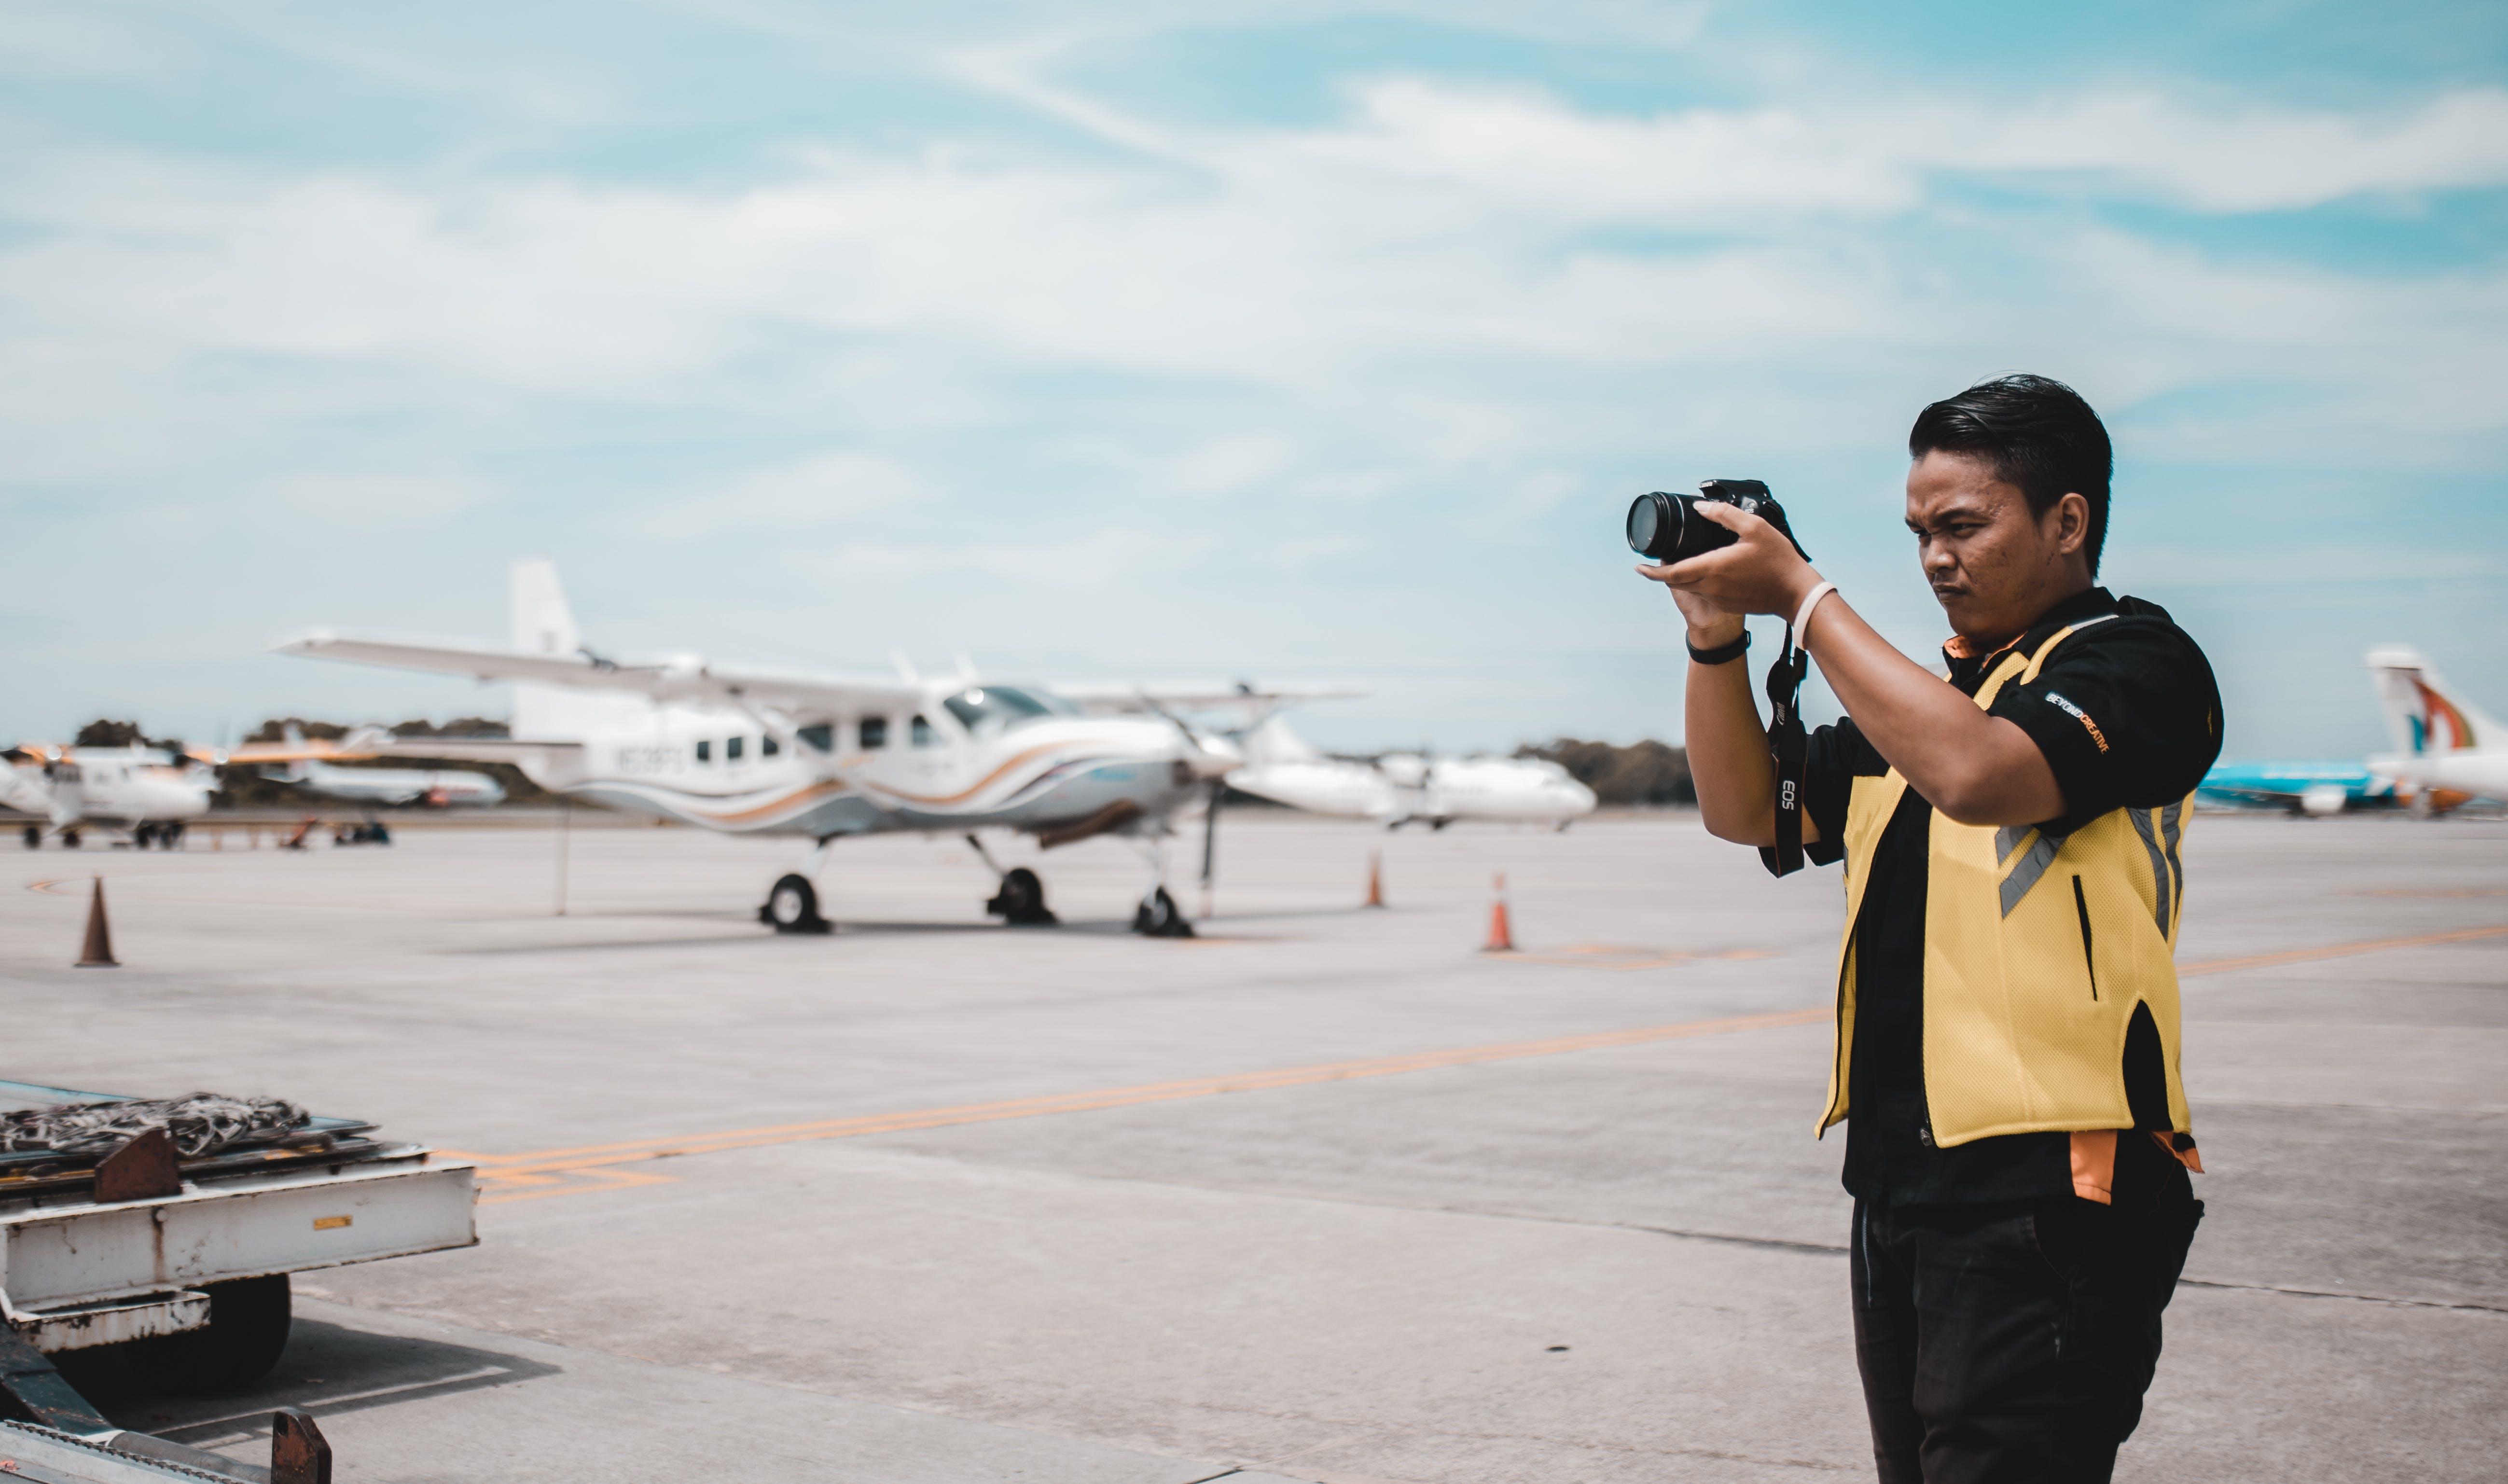 경치, 공항, 교통체계, 기술의 무료 스톡 사진